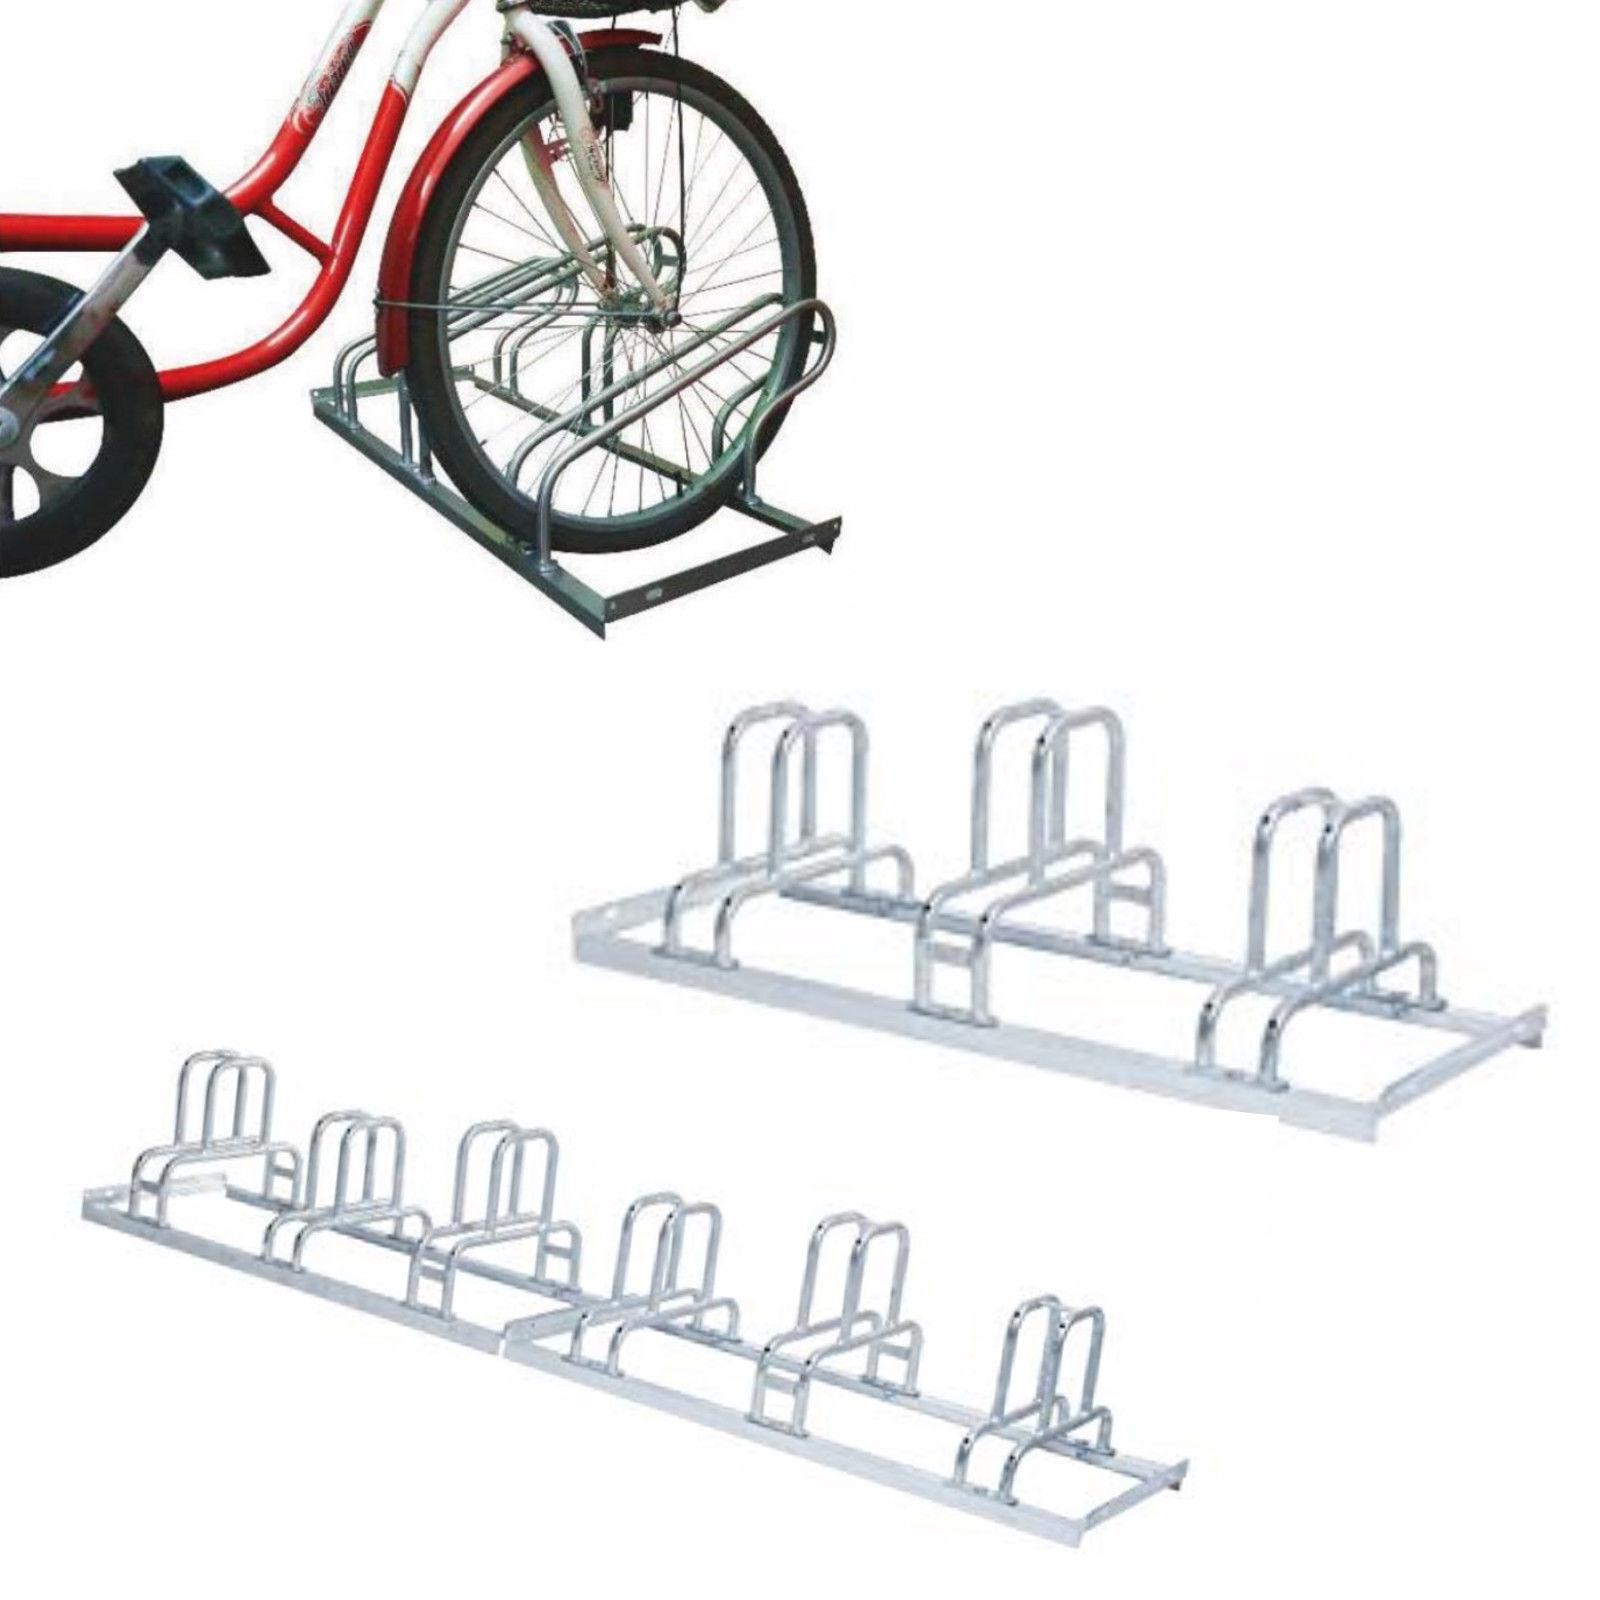 Fahrradständer Reihenparker California 3 oder 6 Stellplätze Reifenbreite 55 mm